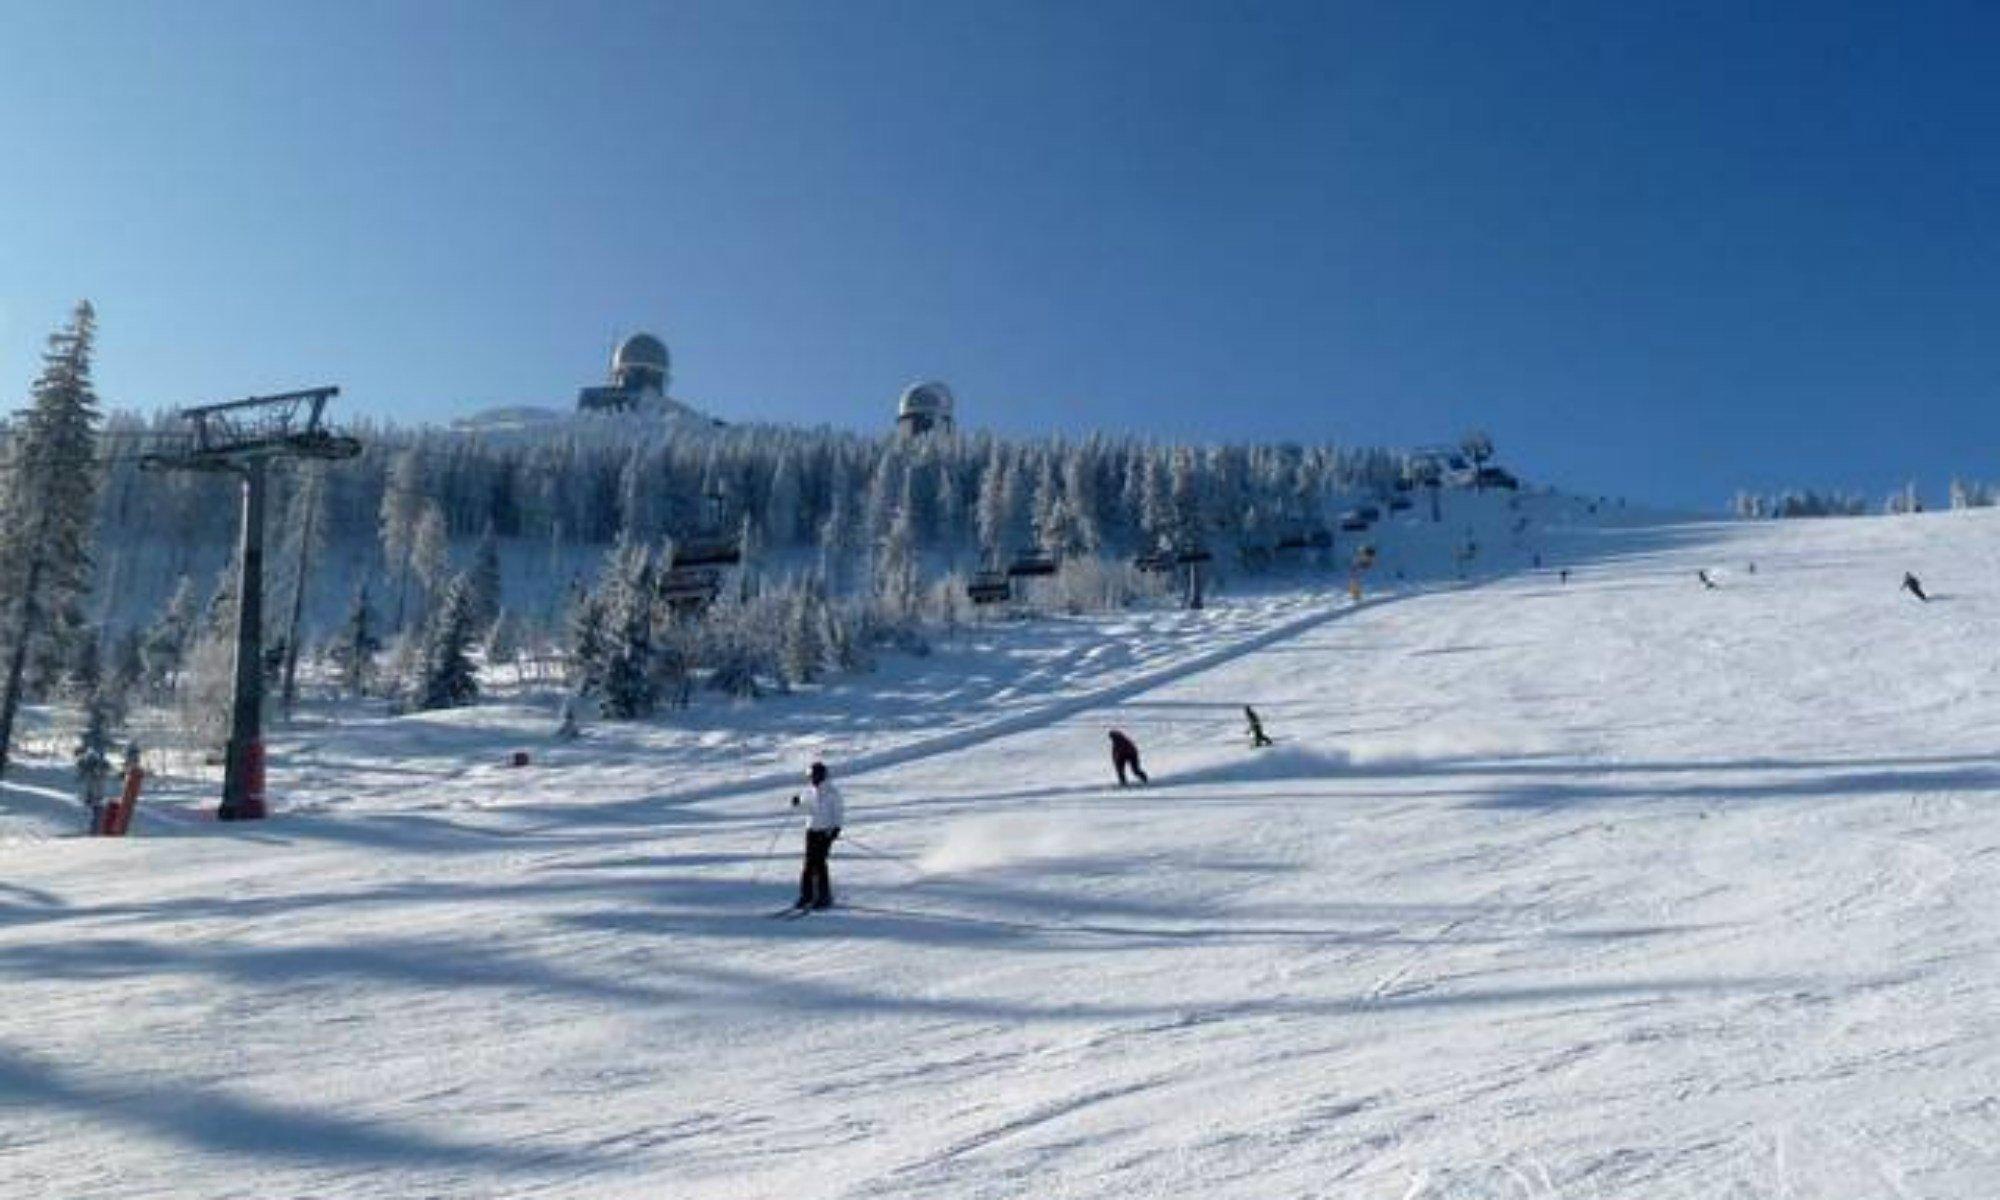 Skipiste bei Sonnenschein mit verschneiten Wald im Hintergrund am Großen Arber.